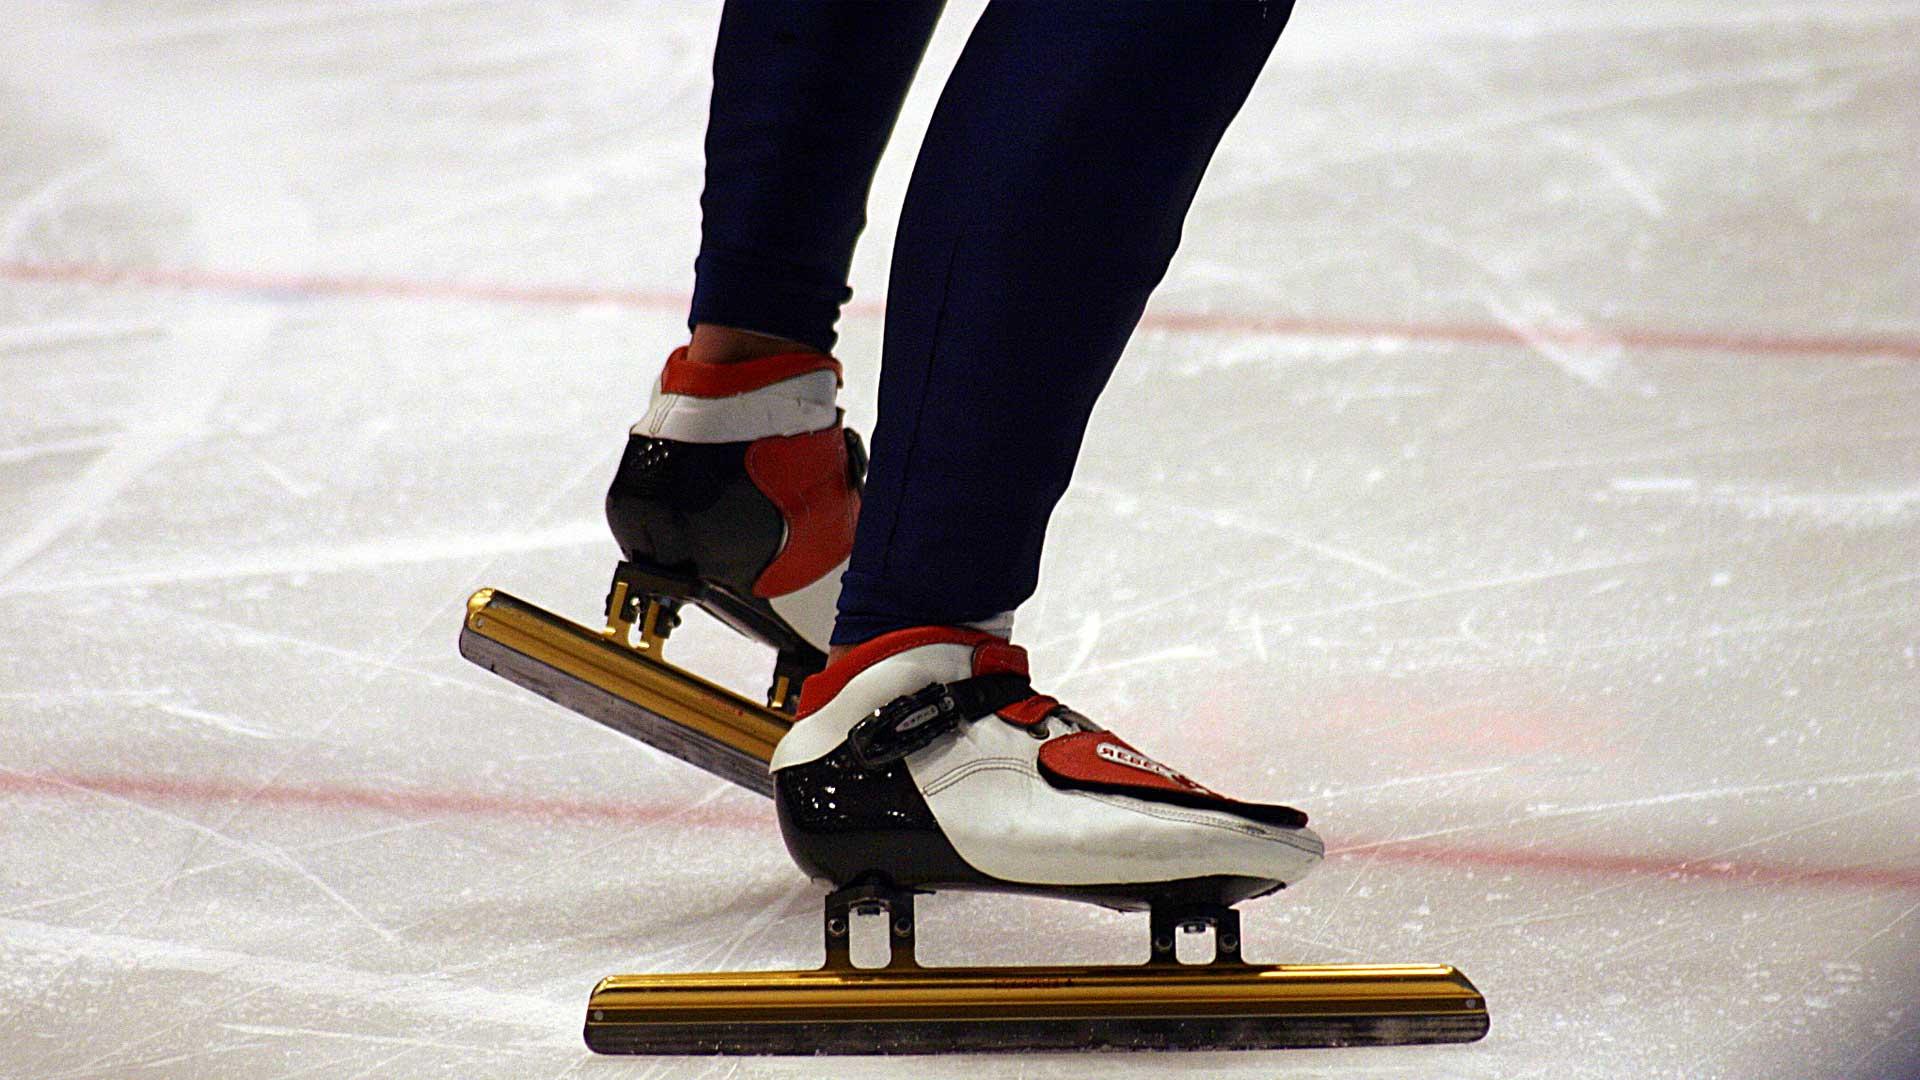 Équipements pour le patinage de vitesse